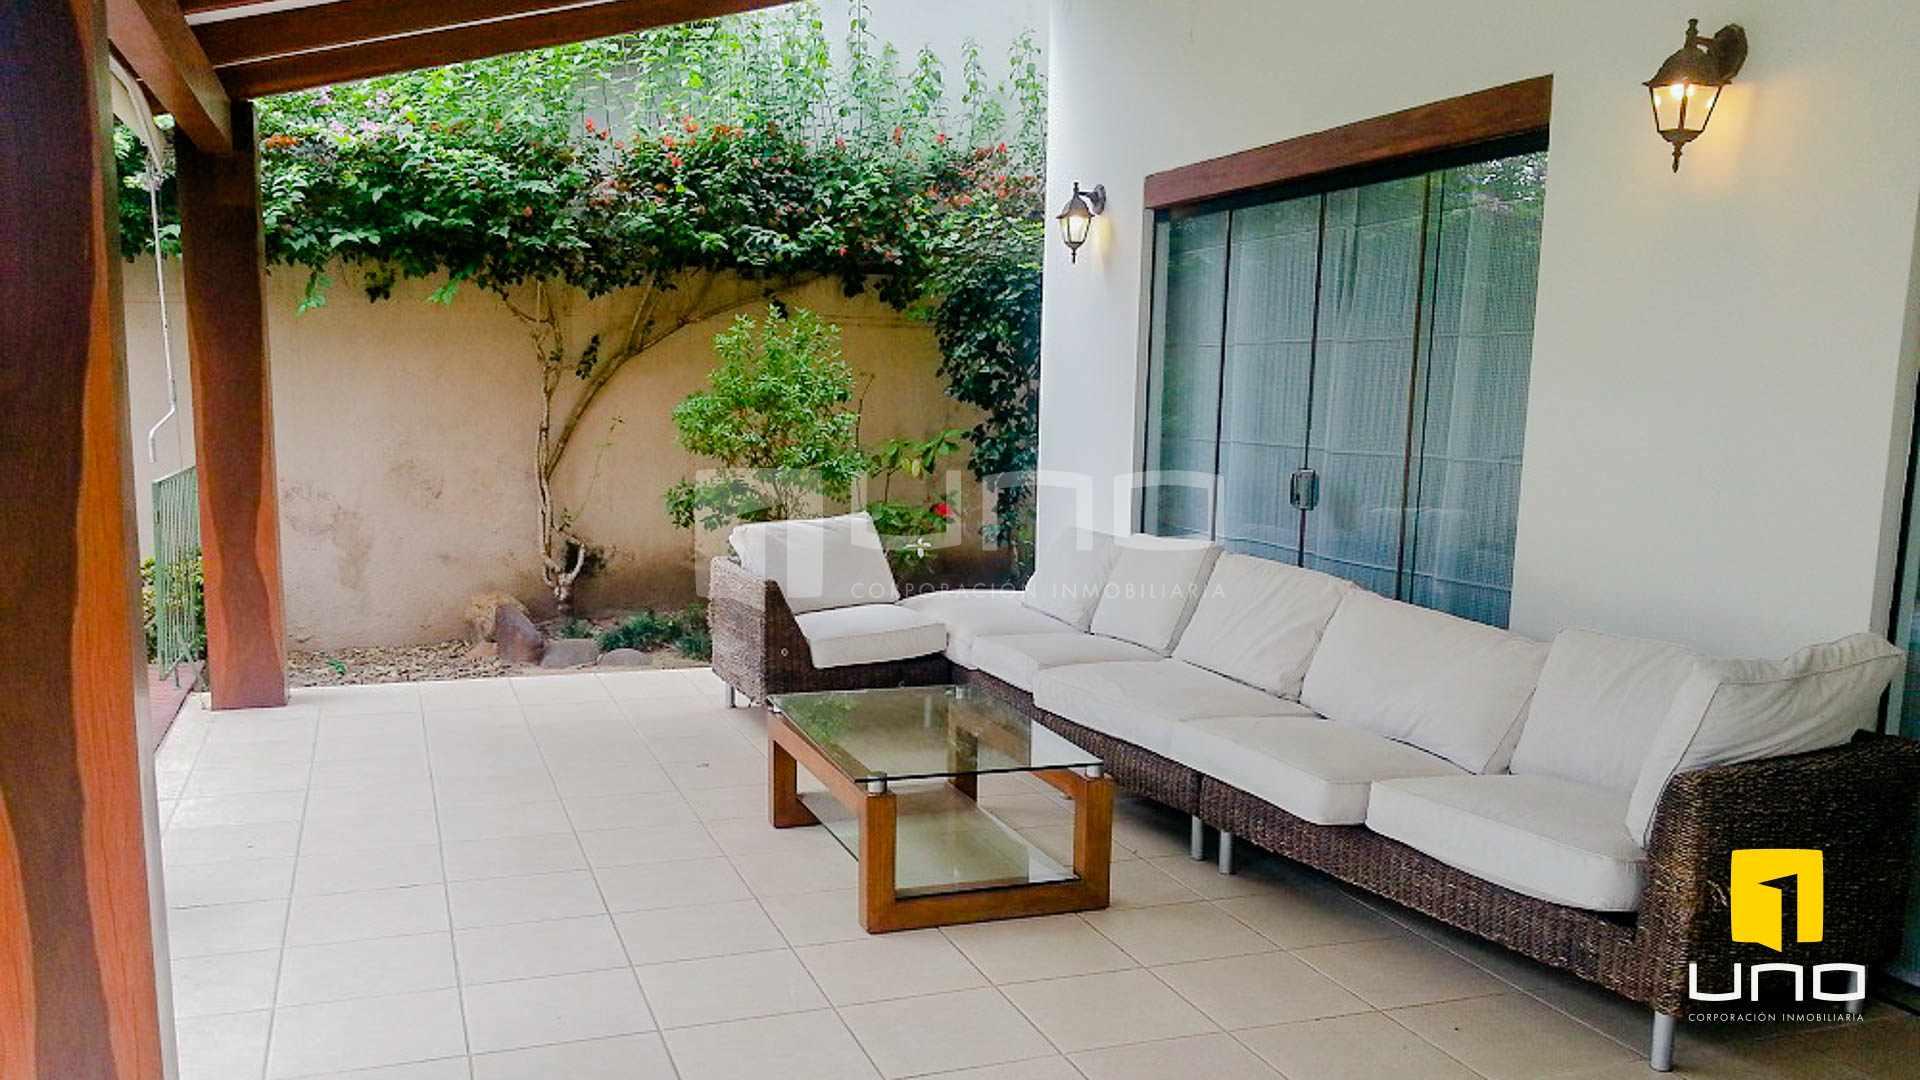 Casa en Alquiler Barrio Las Palmas alquilo amplia casa  con muebles y piscina Foto 6